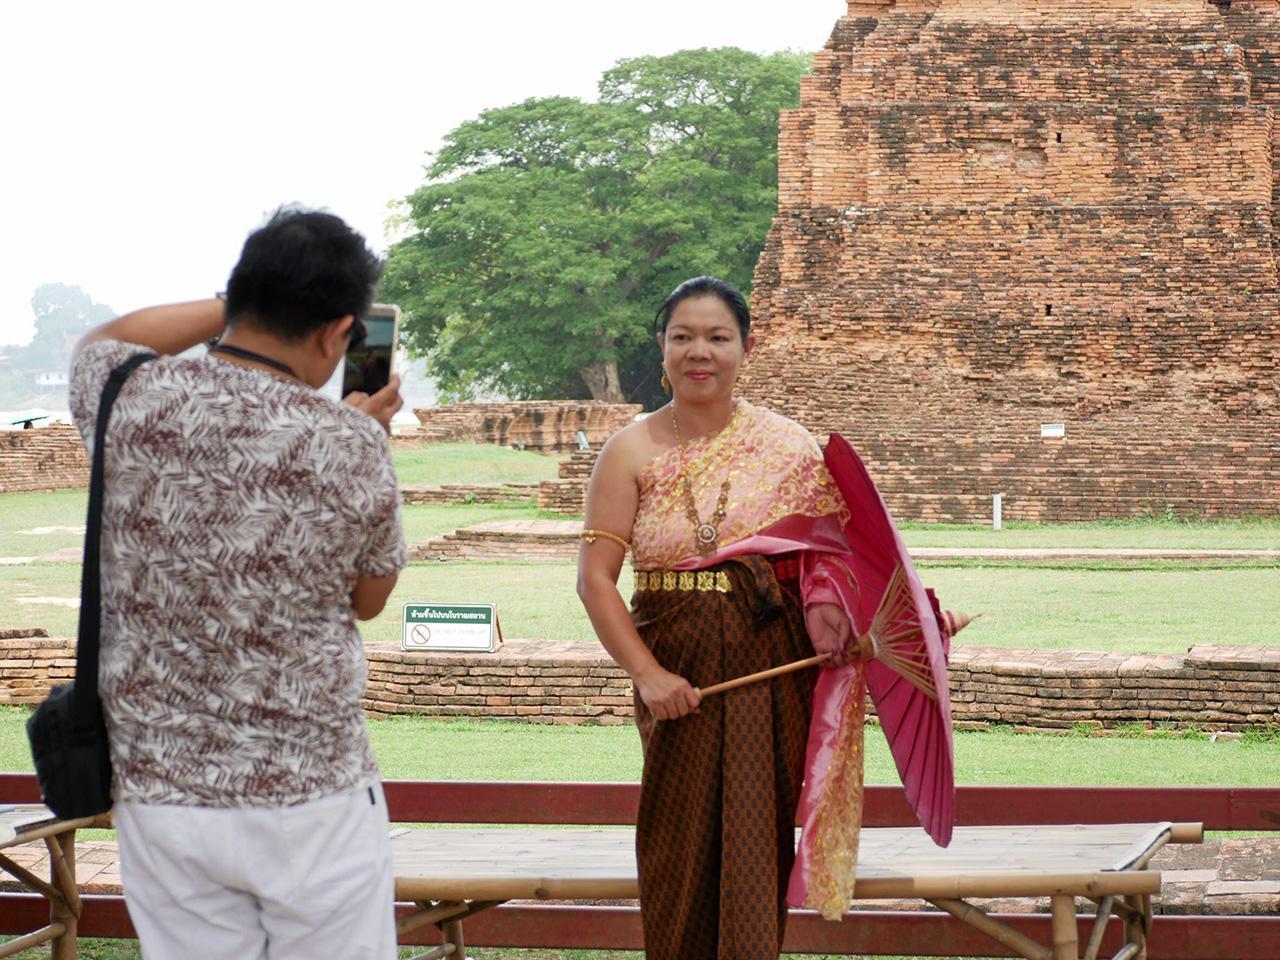 สื่อเวียดนามถ่ายทำสารคดีเยี่ยมชมโบราณสถานของไทย จ.พระนครศรีอยุธยา.